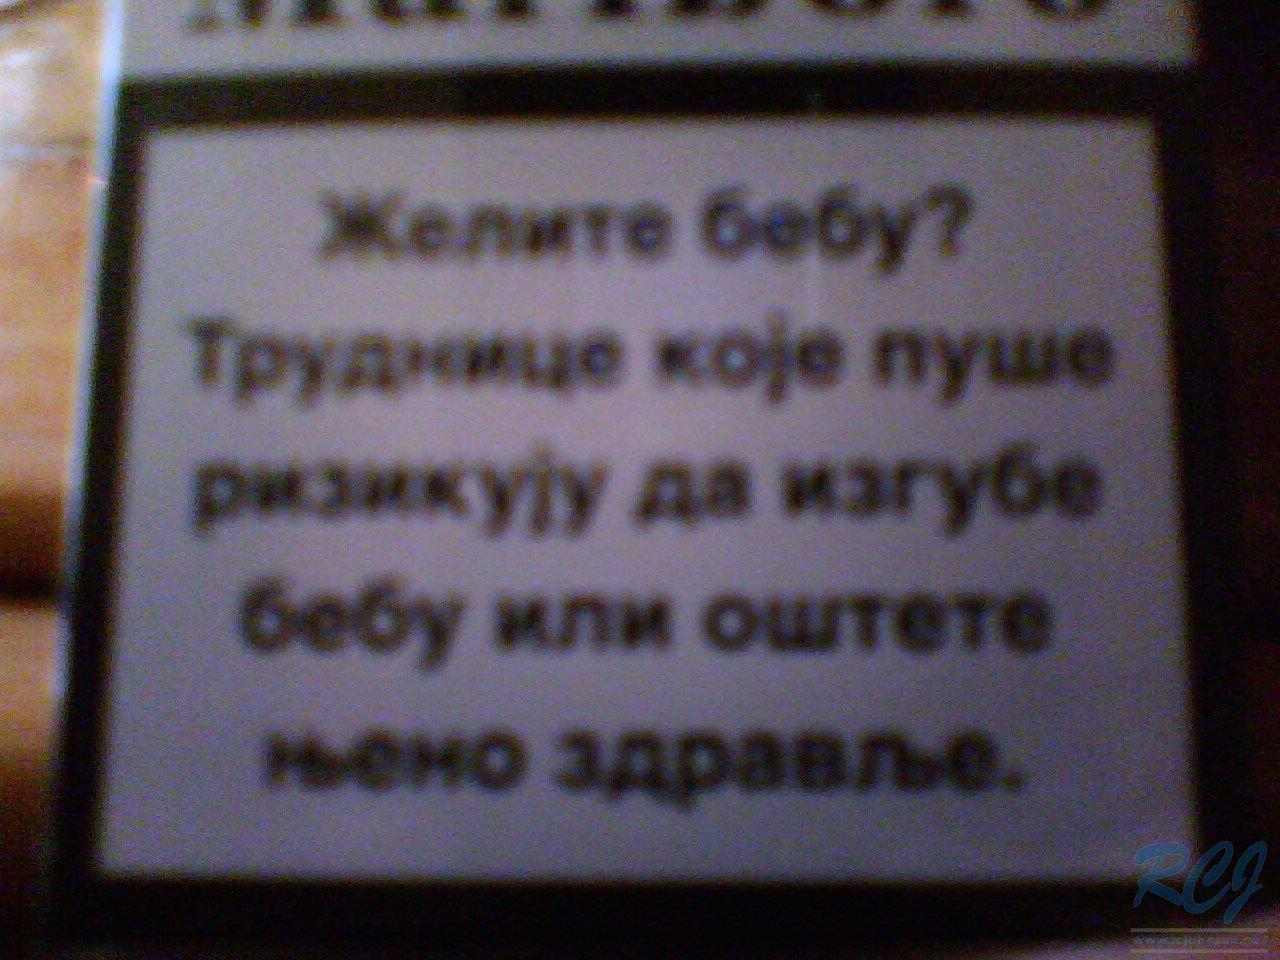 0304071520-00.jpg